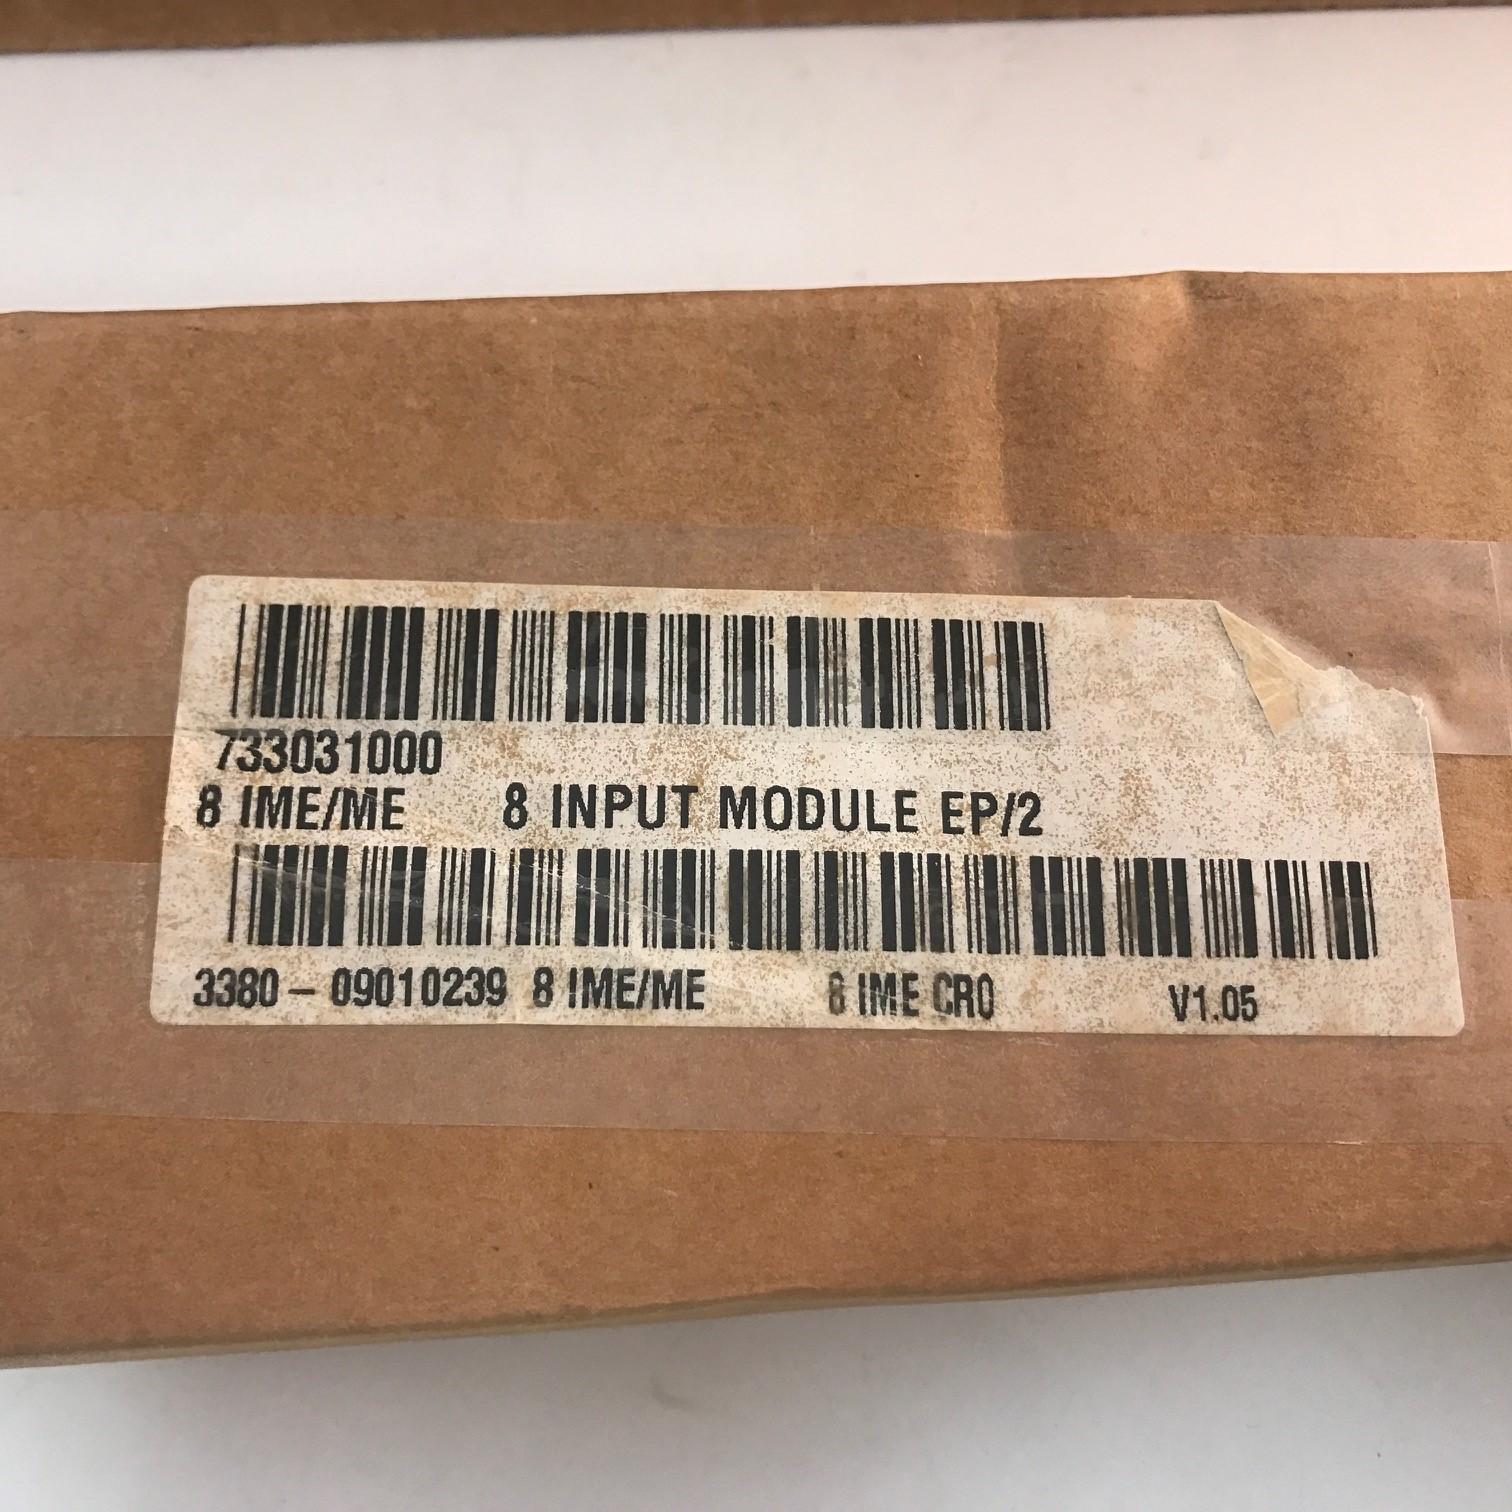 Novar 733031000 8 Input Module EP/2